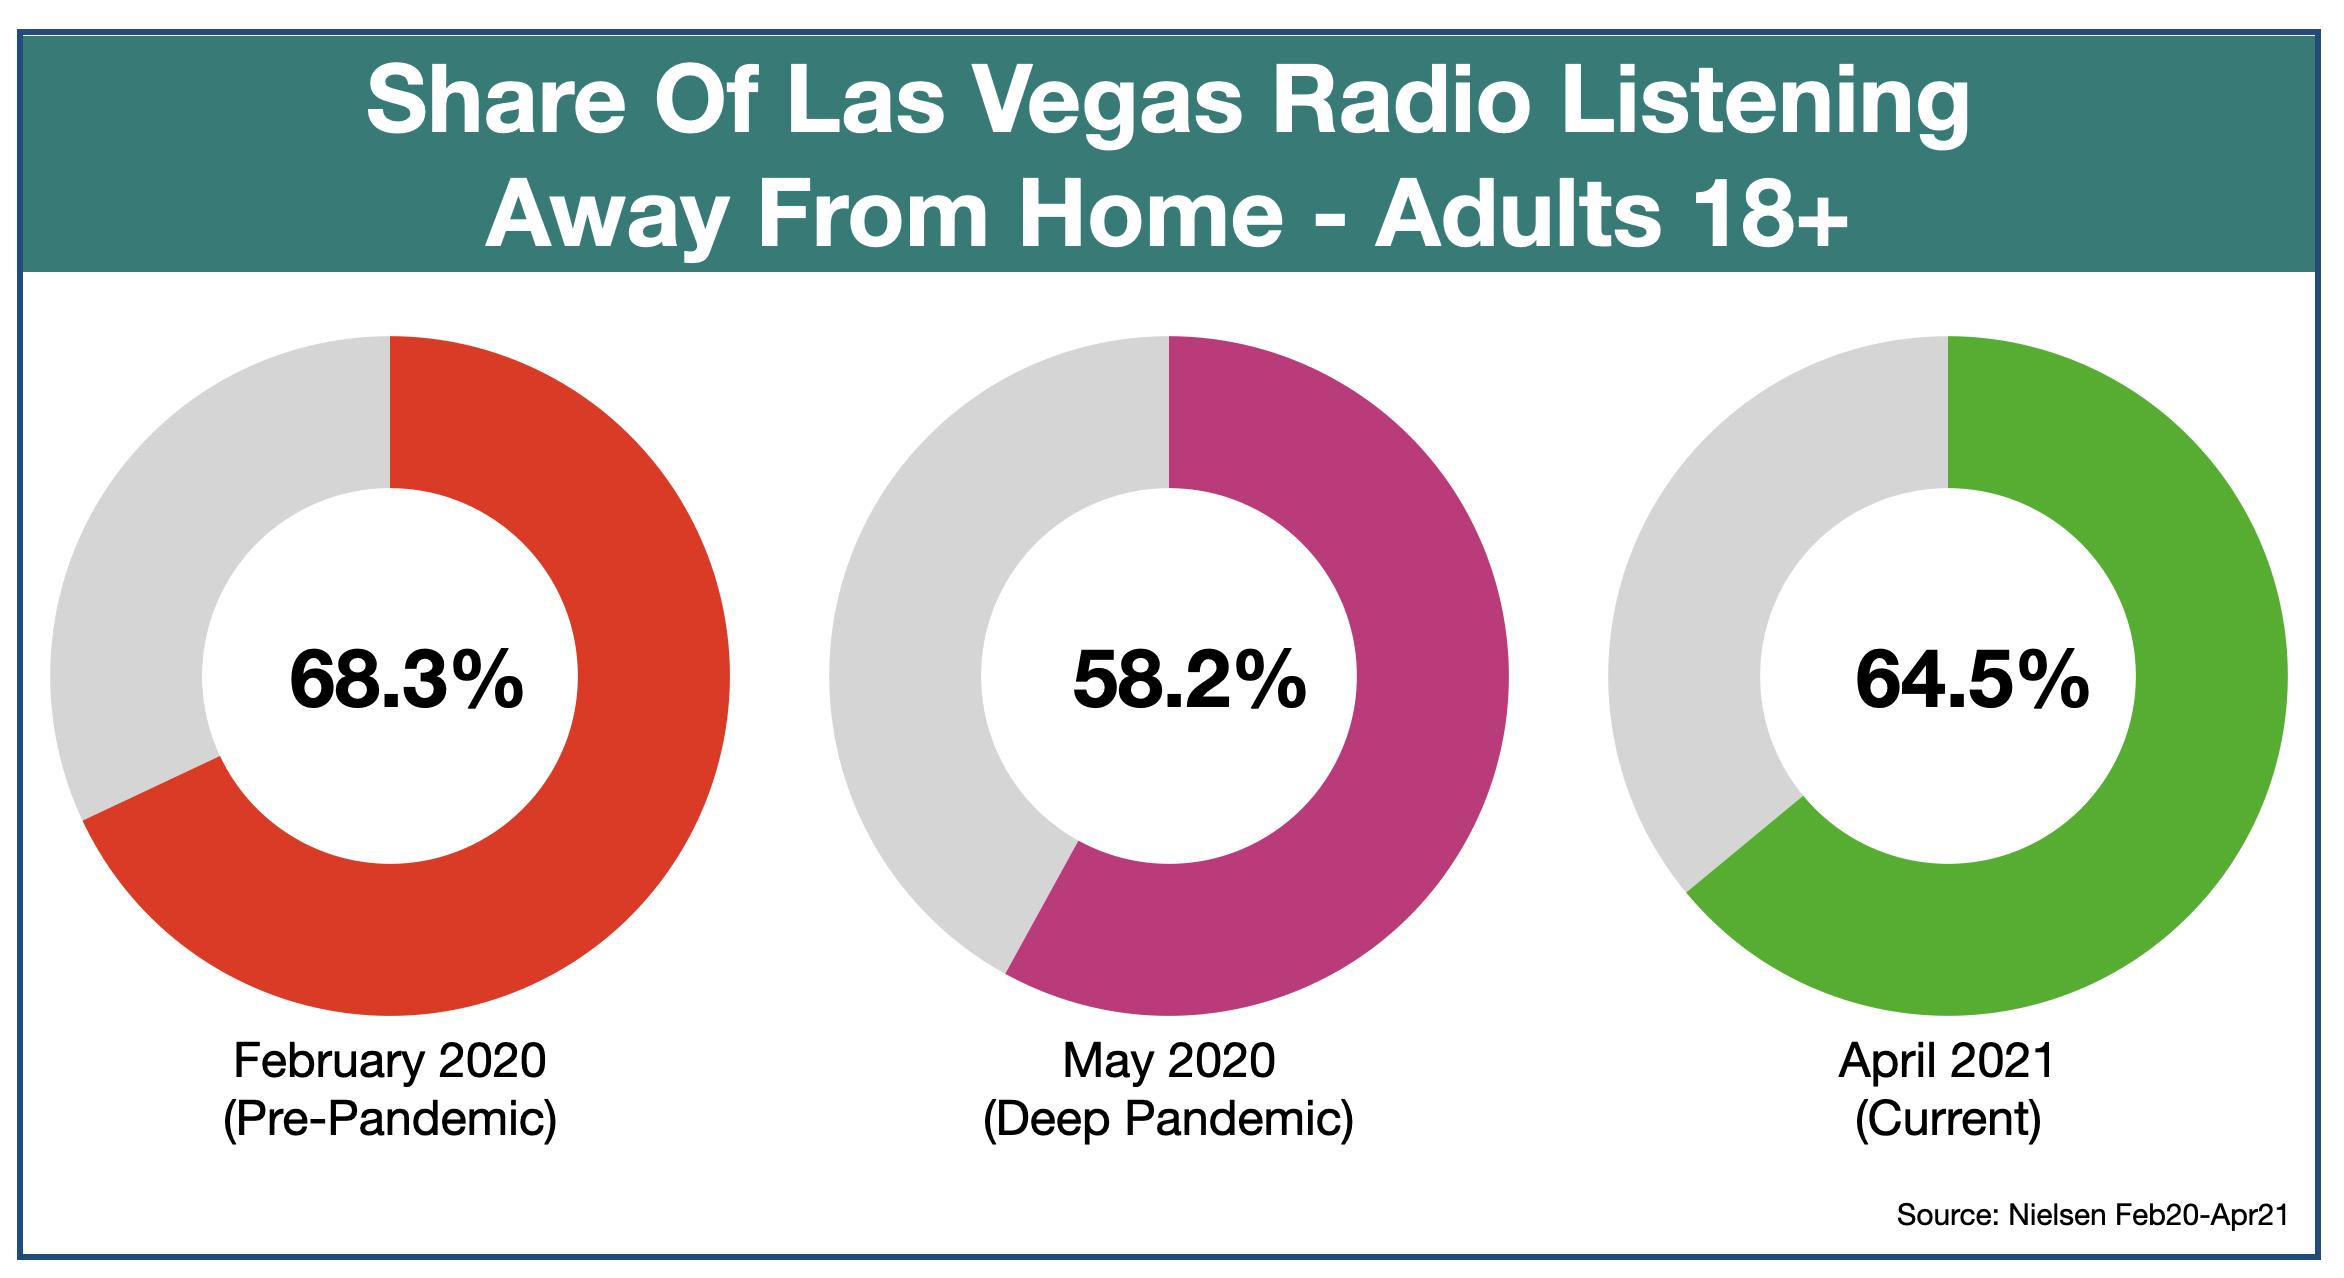 Advertise On Las Vegas Radio Listening Location April 2021